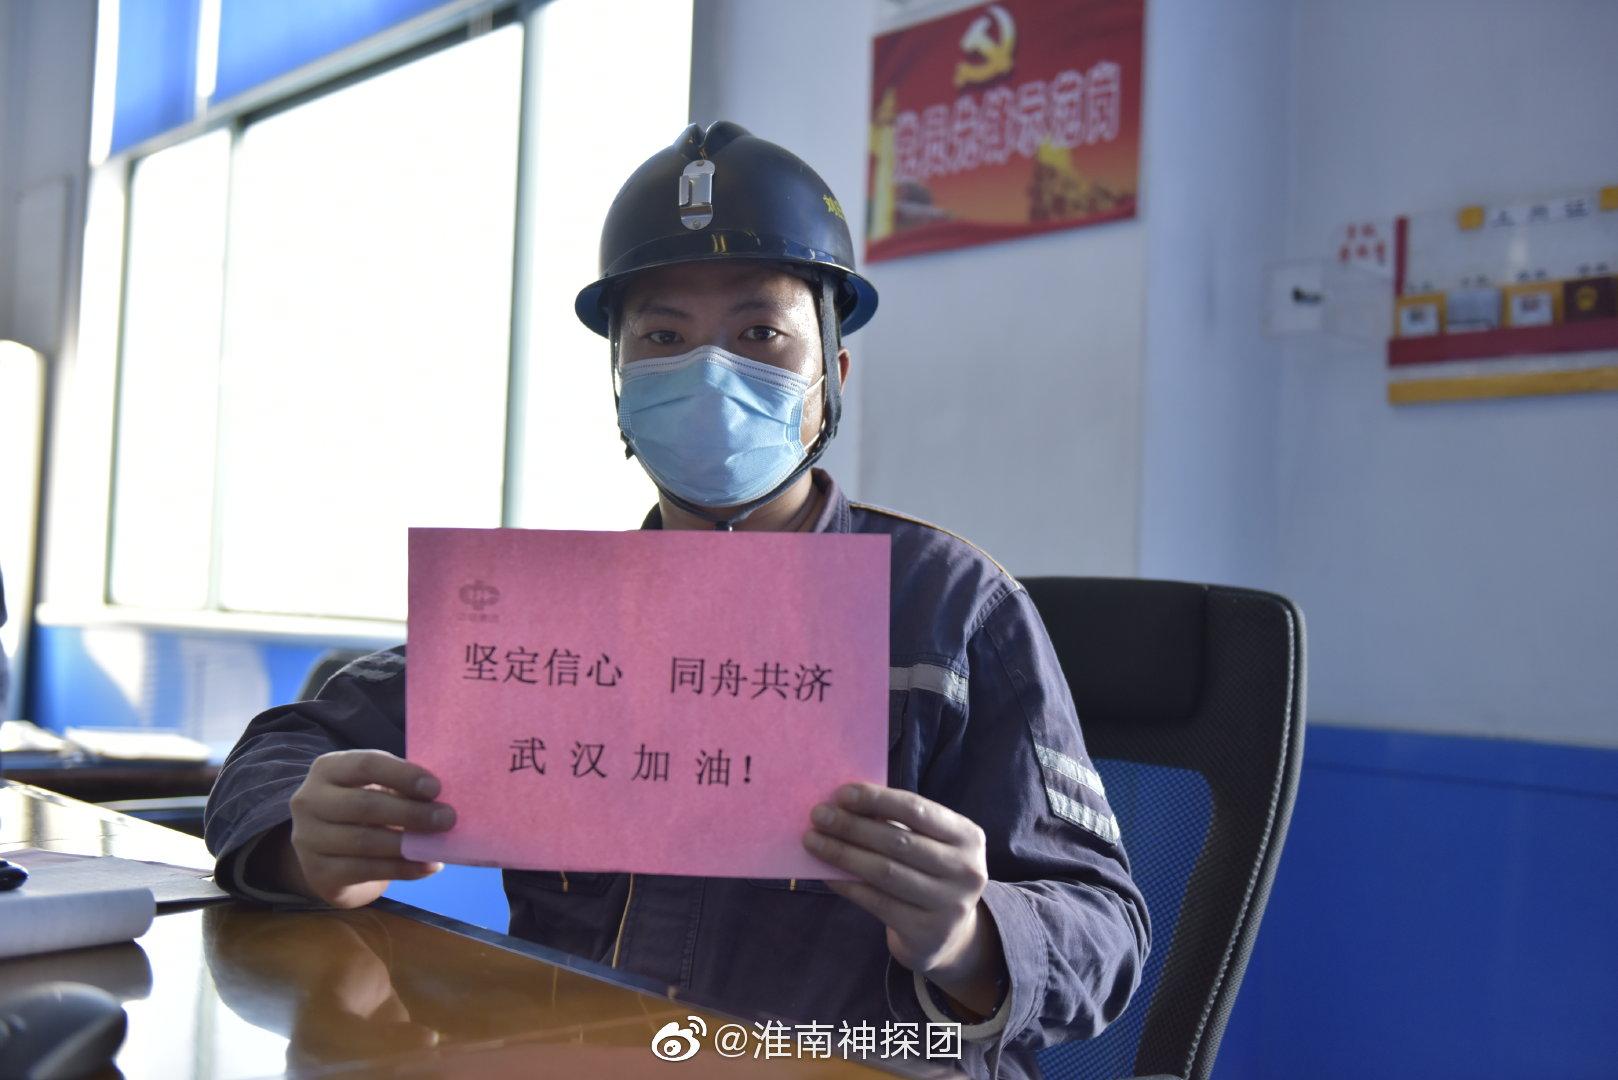 抗击疫情,淮南煤矿职工在行动!(拍摄者@方休罢 )